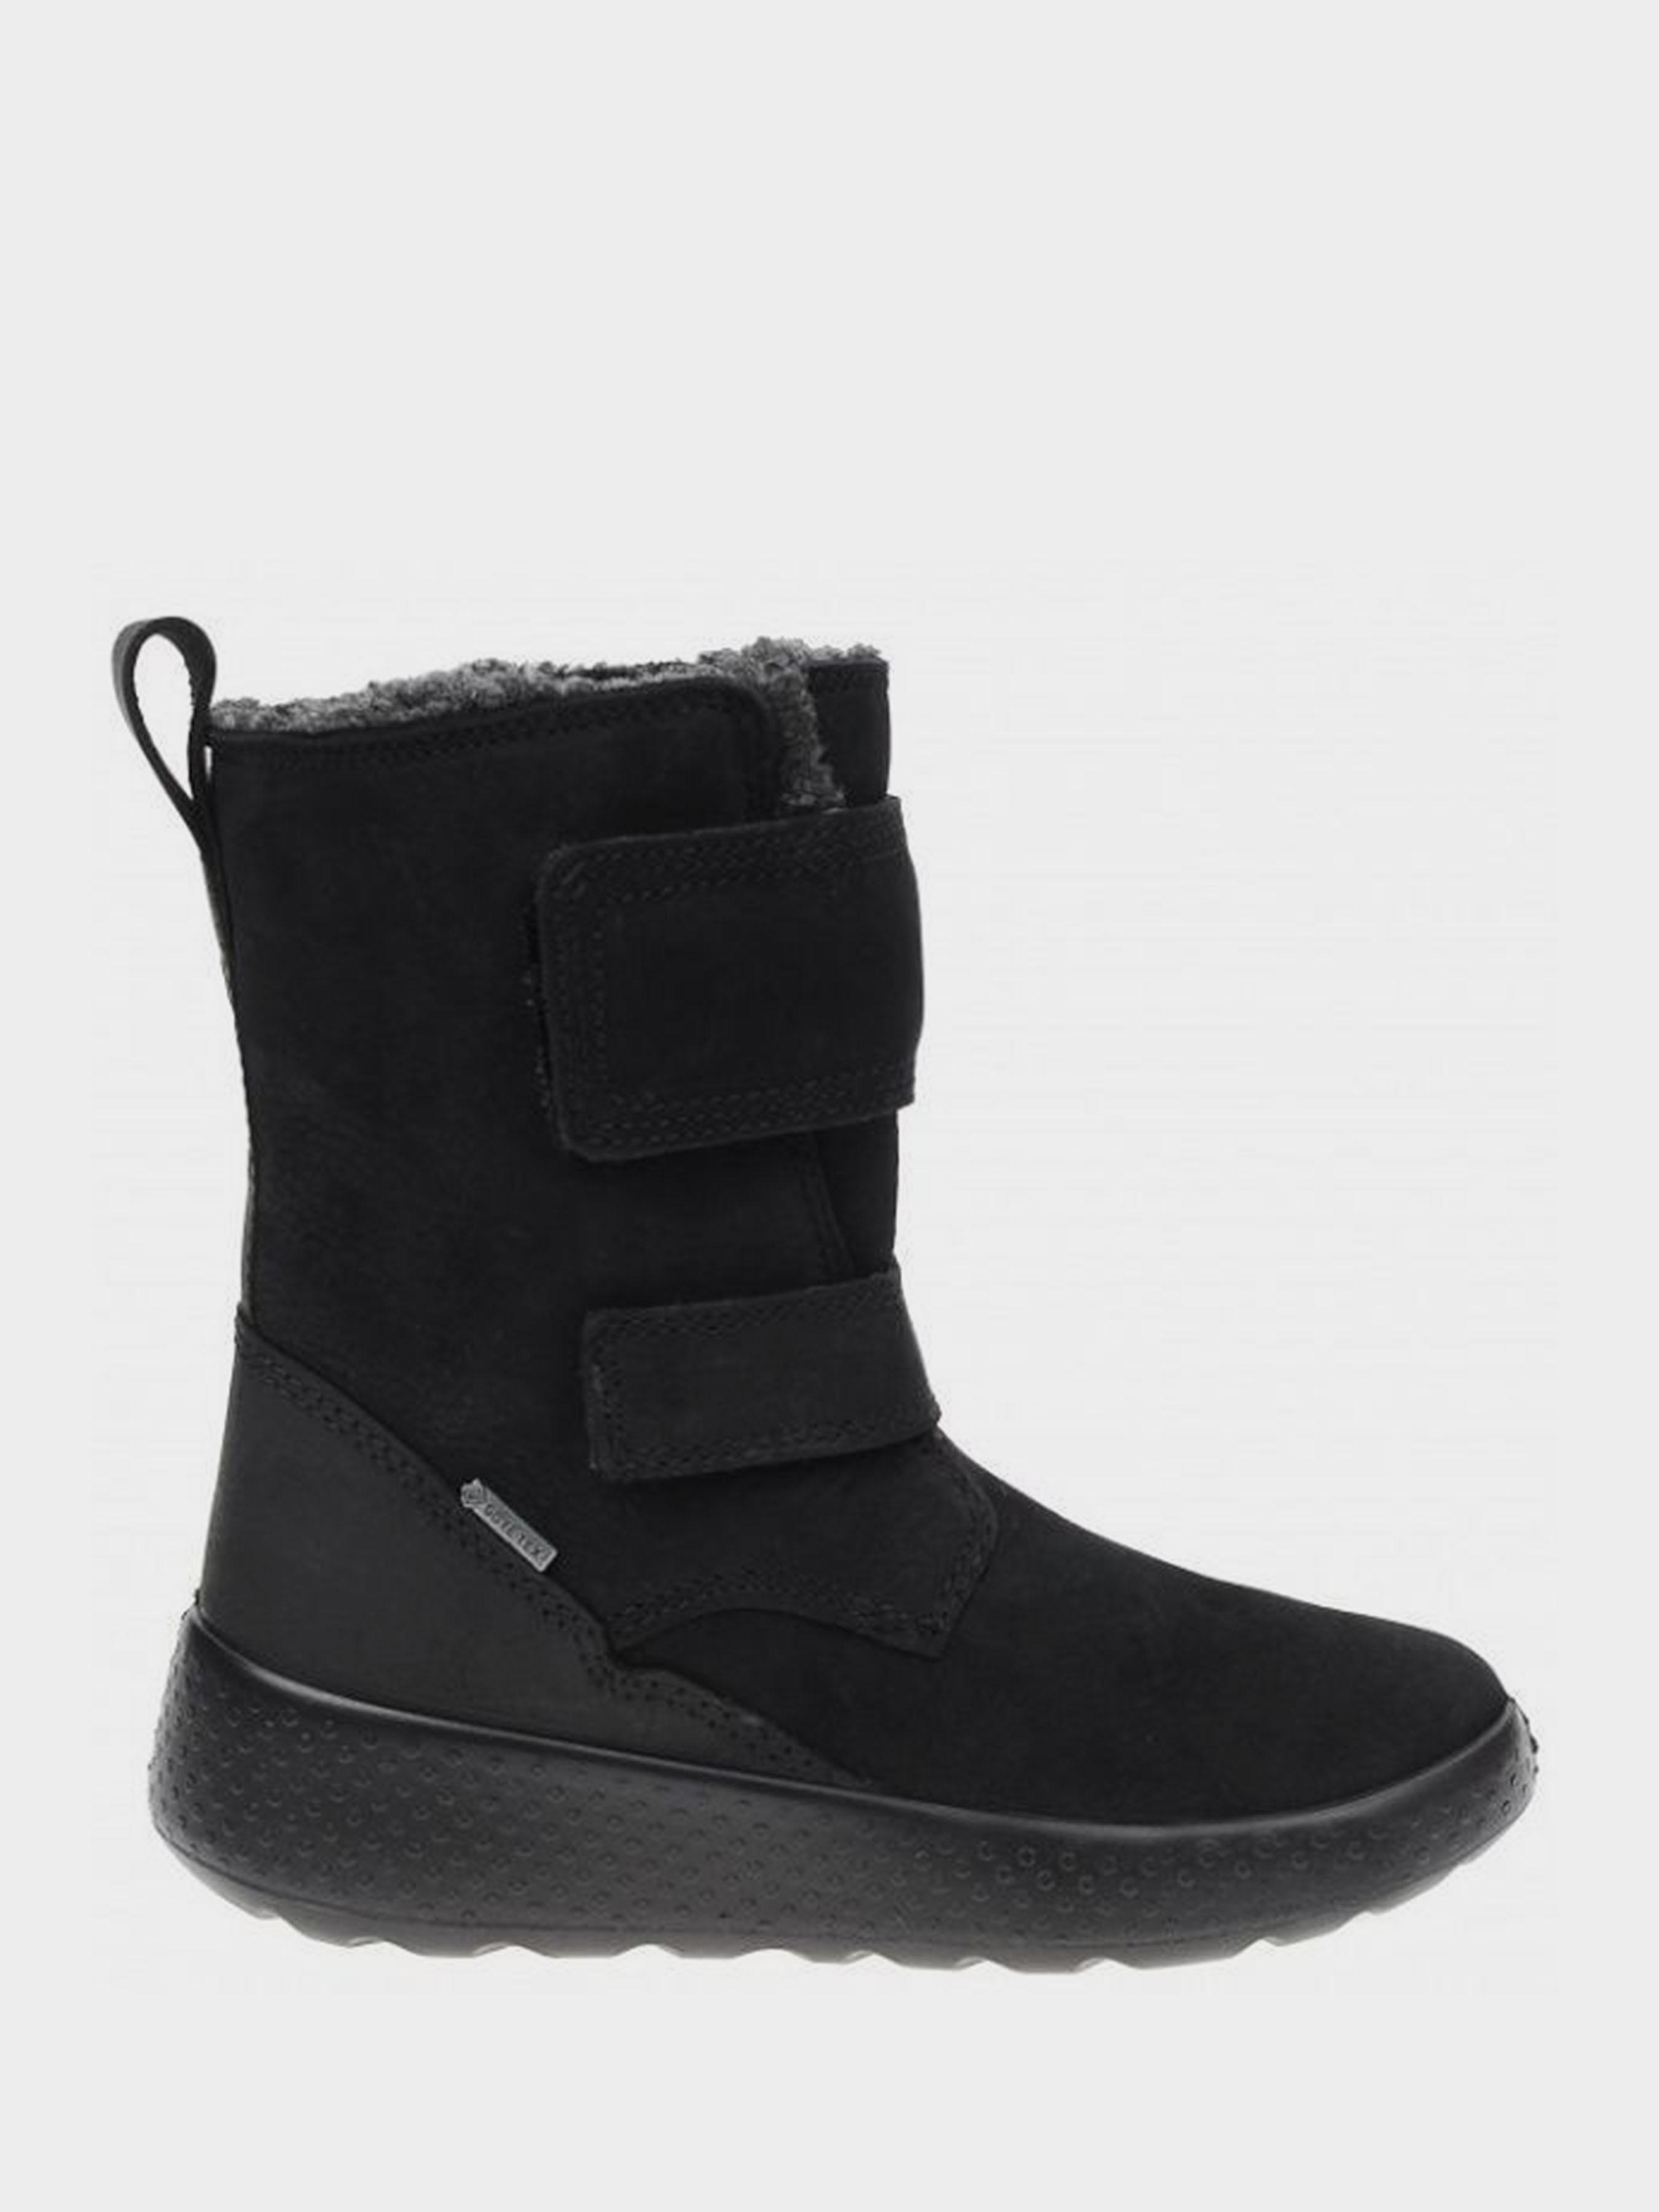 Купить Сапоги детские ECCO UKIUK KIDS ZK3263, Черный